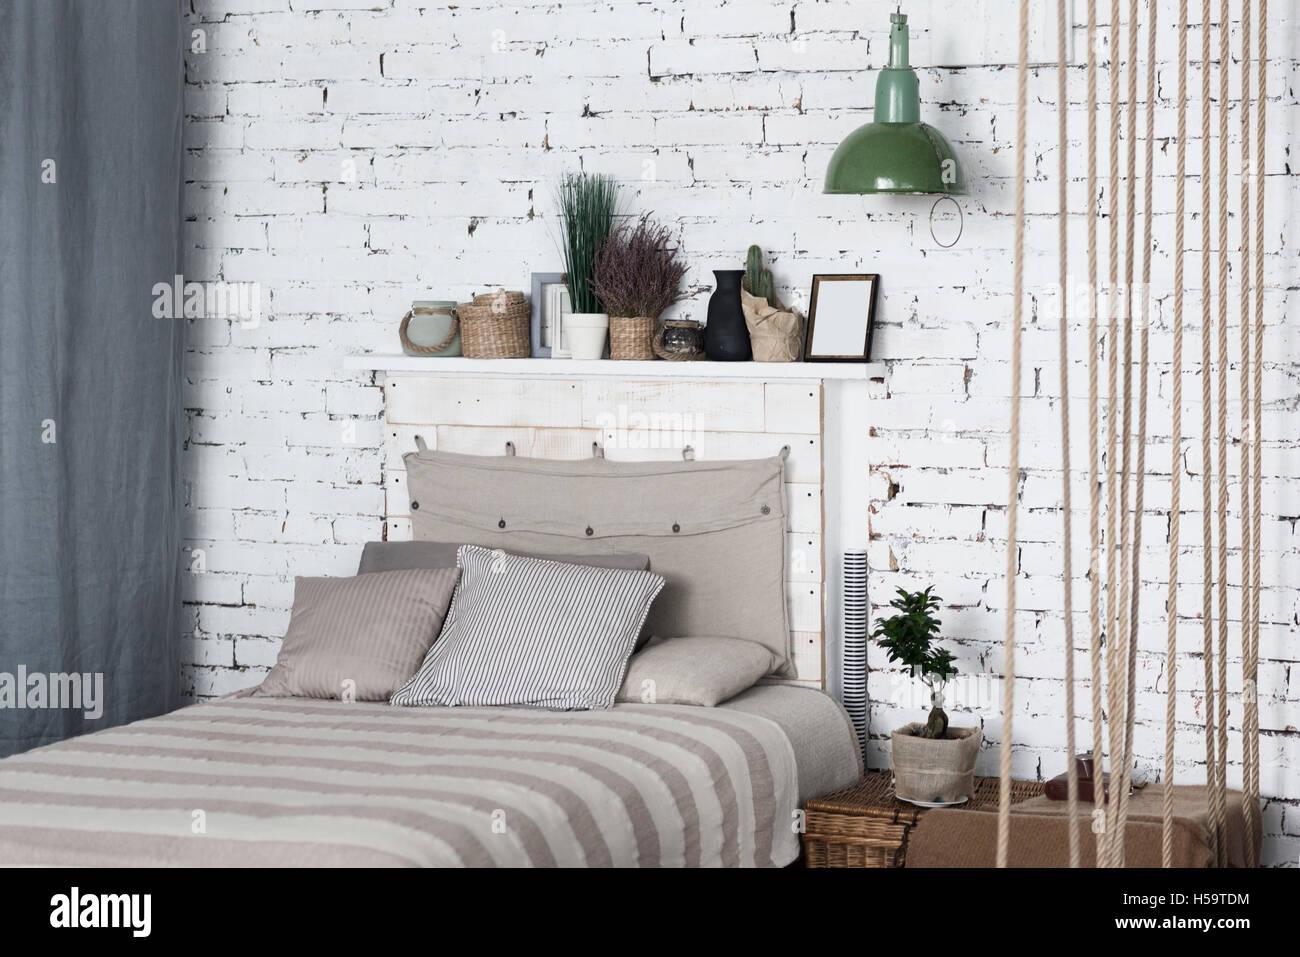 Lit Au Milieu D Une Chambre chambre à coucher moderne avec grand lit gris en milieu